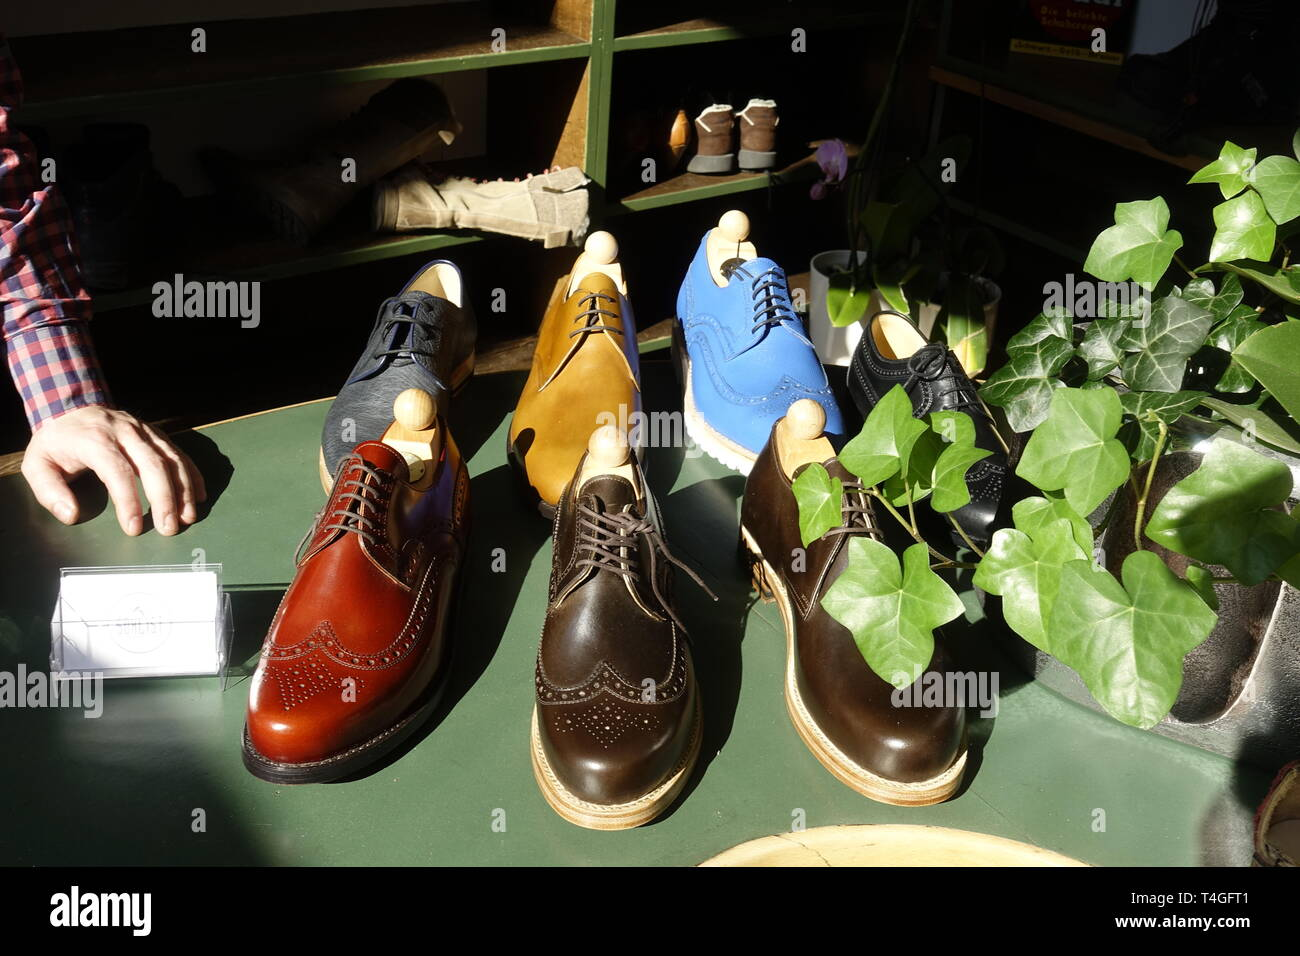 Schuhe Beladen Stockfotos & Schuhe Beladen Bilder Alamy